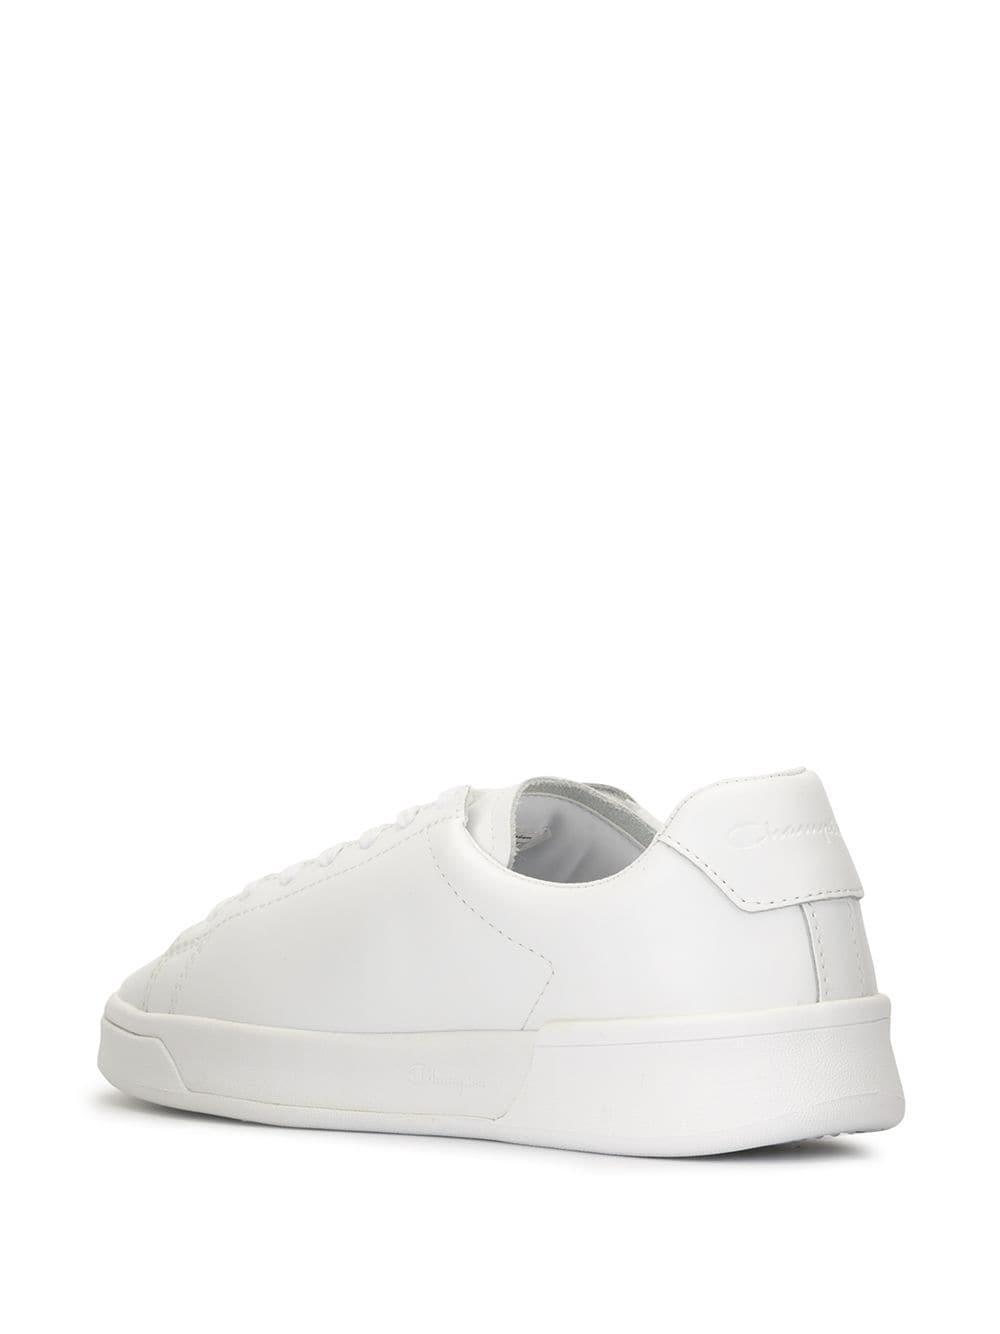 Champion Leer M979 Low-top Sneakers in het Wit voor heren